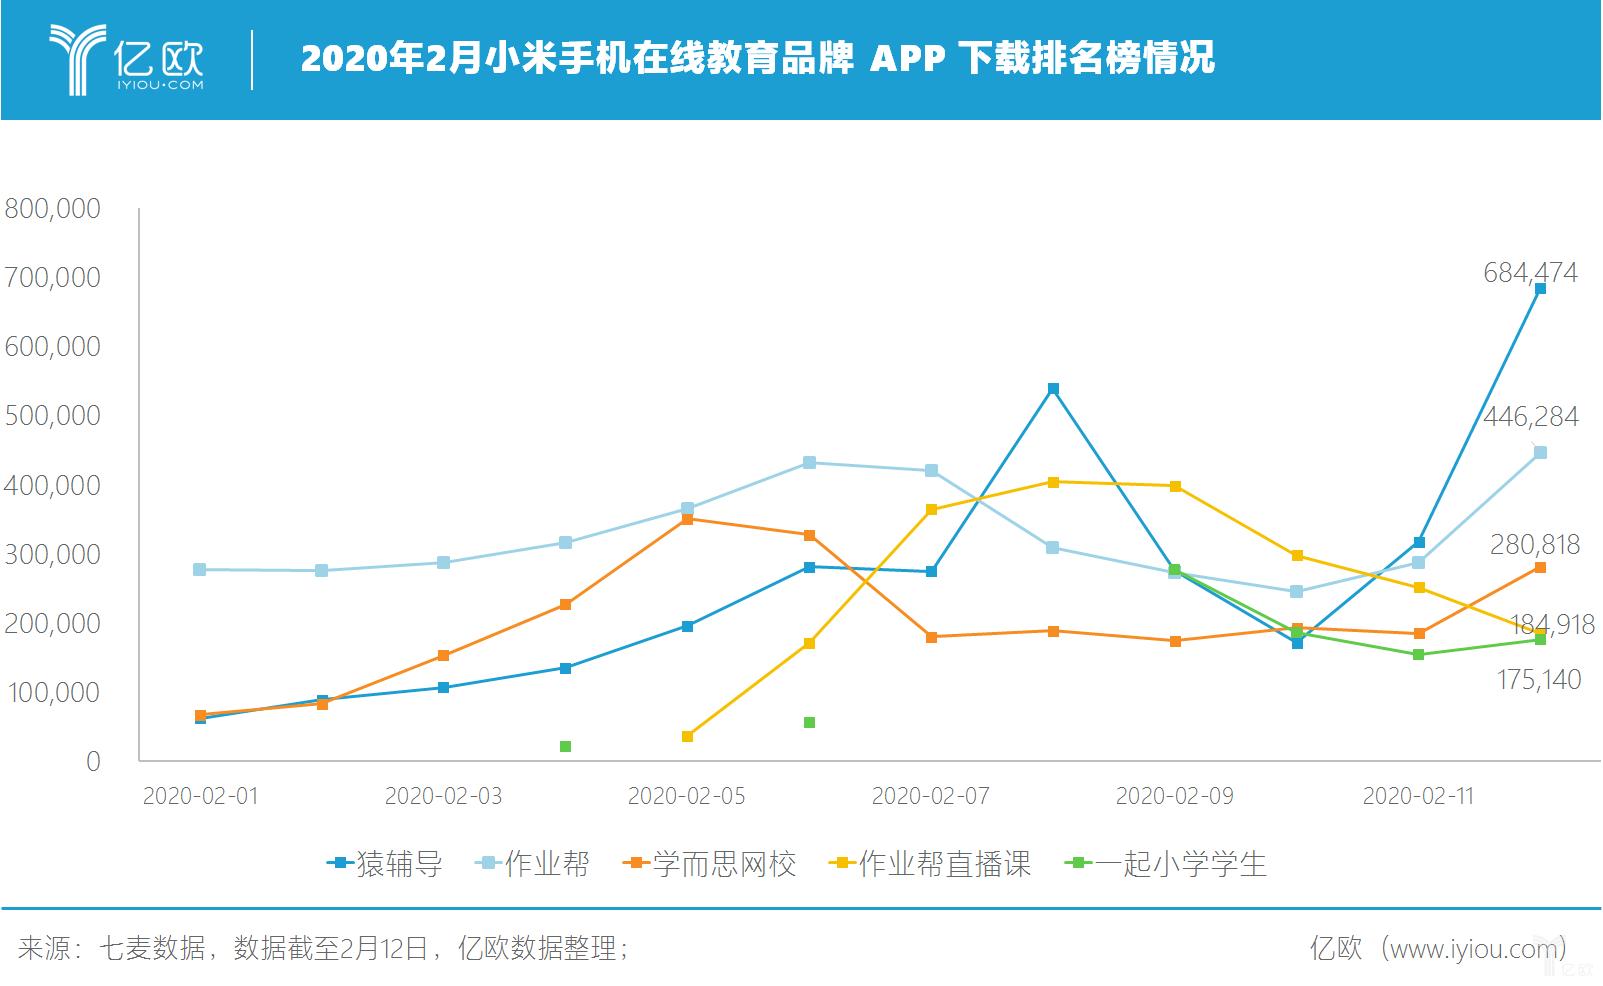 亿欧:2020年2月小米手机在线教育品牌 APP 下载排名榜情况